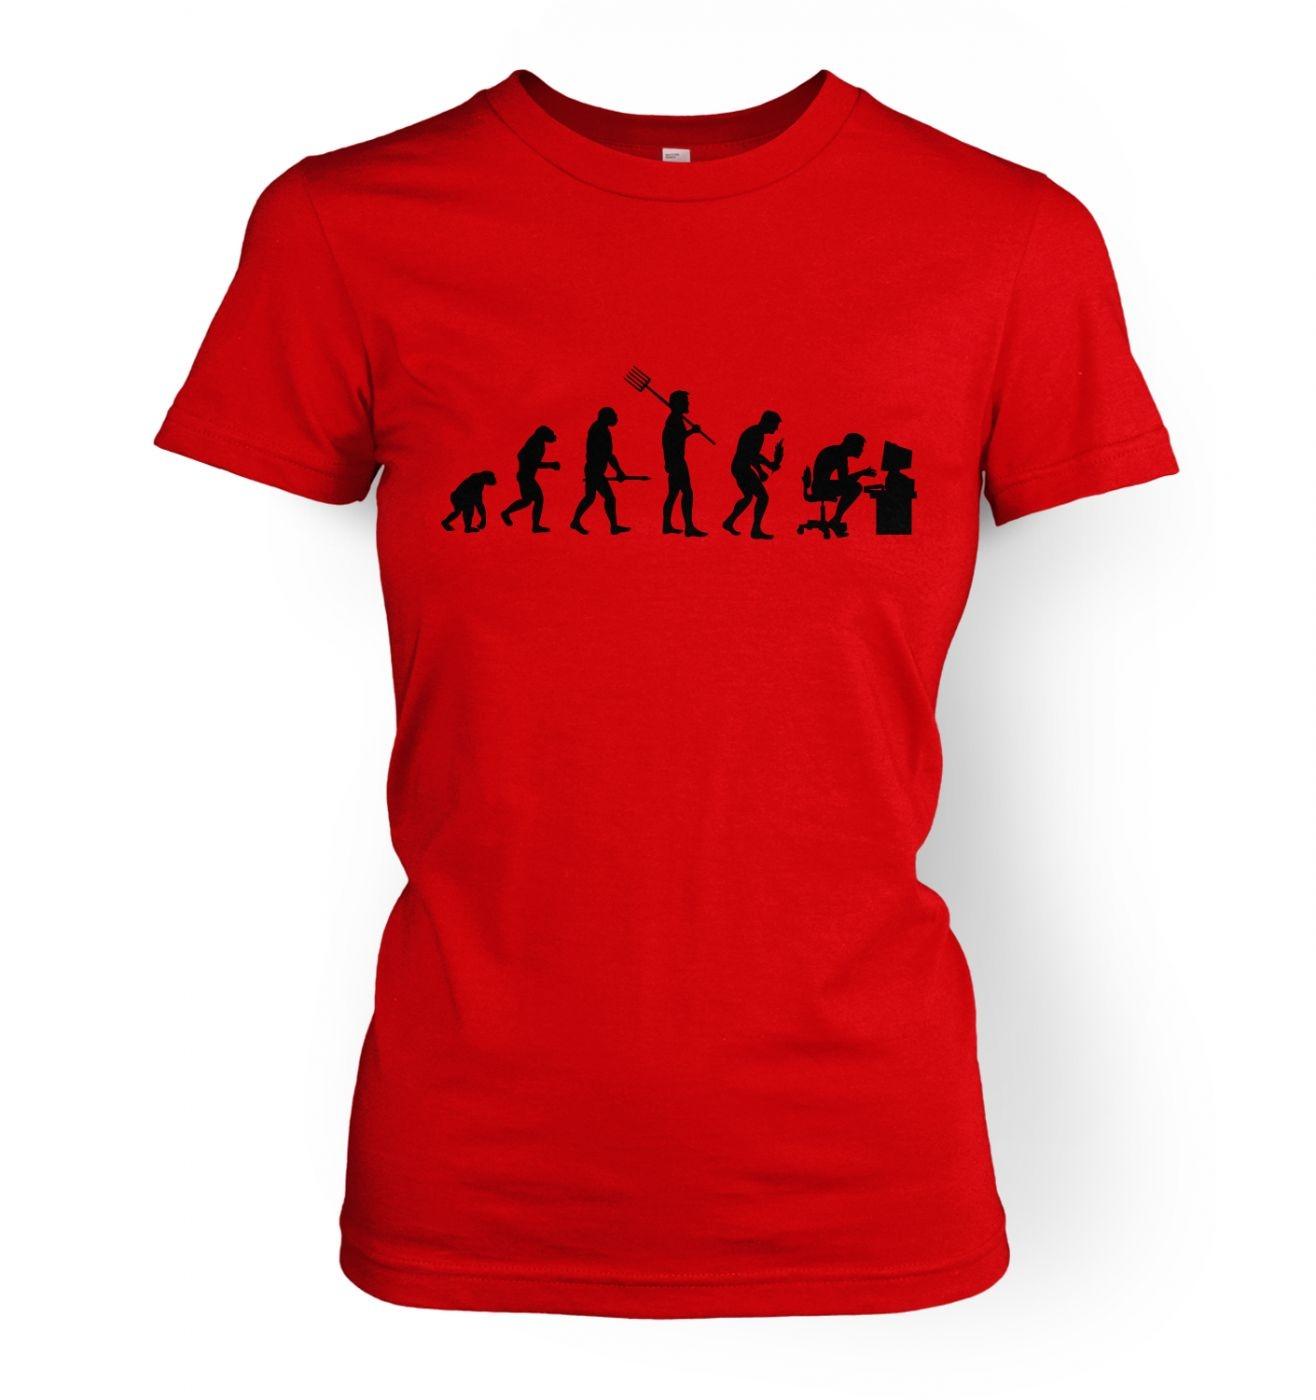 Women's Evolution of a geeky man (black detail) t-shirt